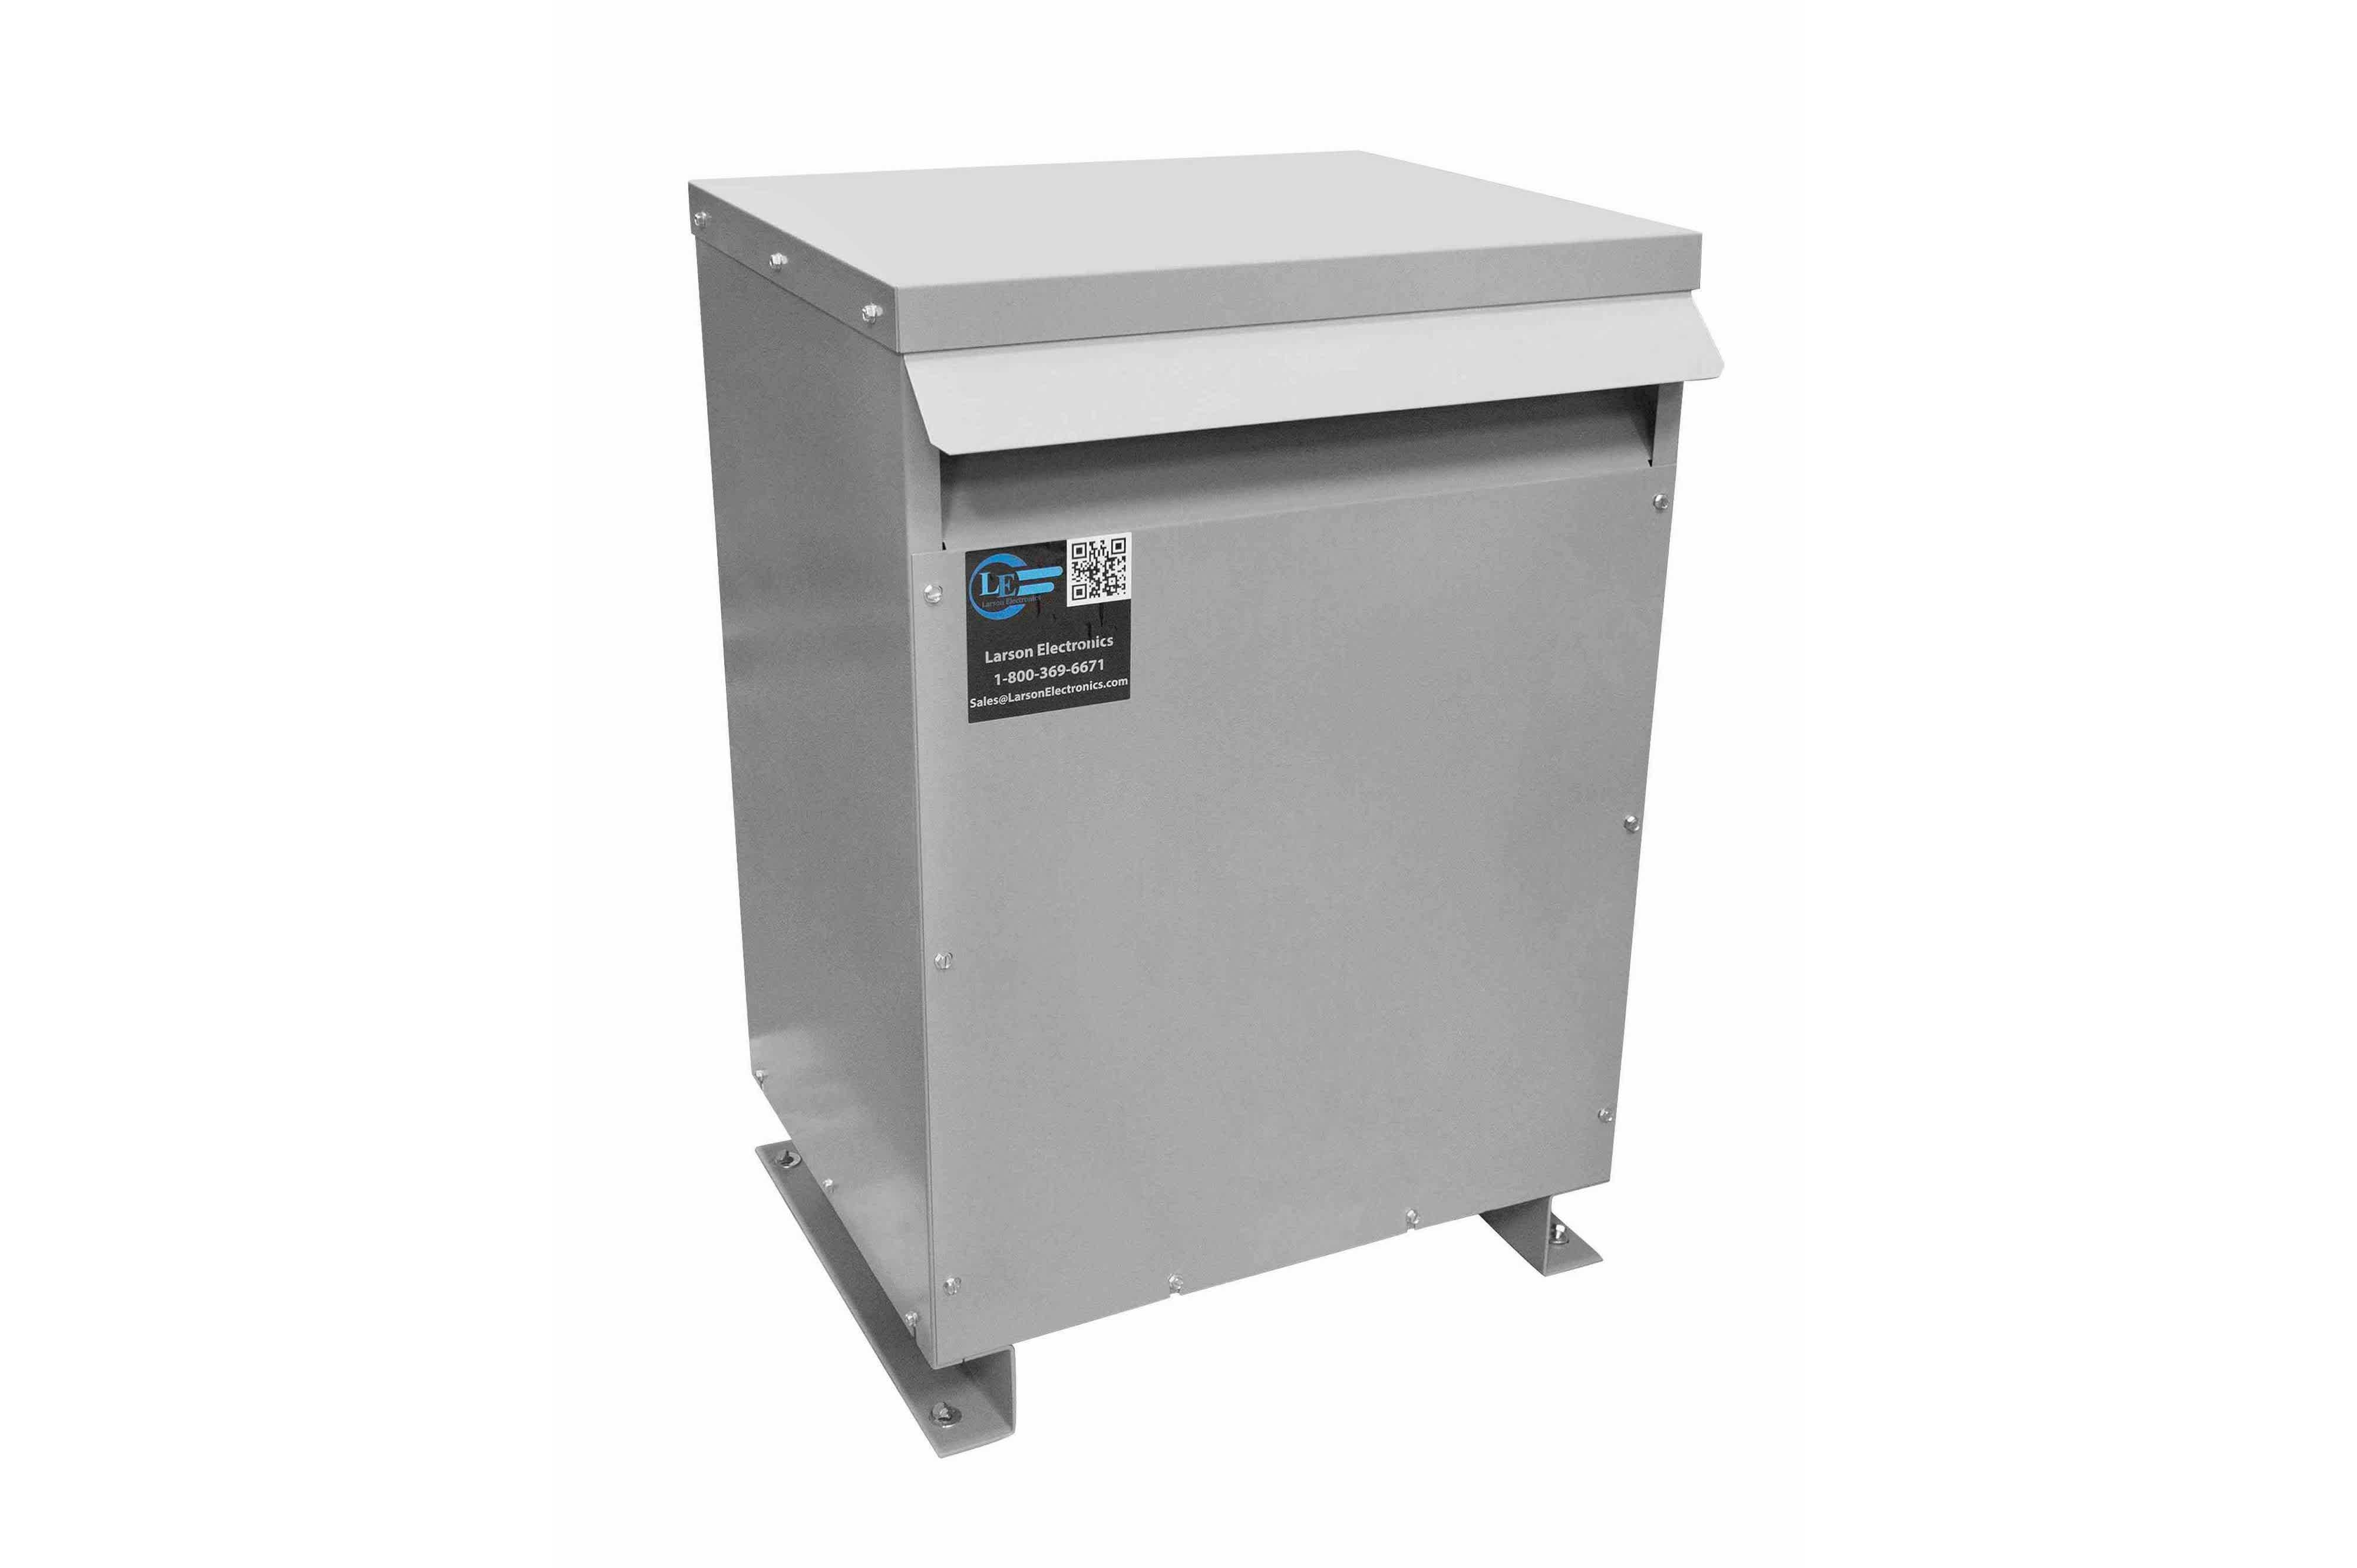 200 kVA 3PH DOE Transformer, 460V Delta Primary, 240V/120 Delta Secondary, N3R, Ventilated, 60 Hz